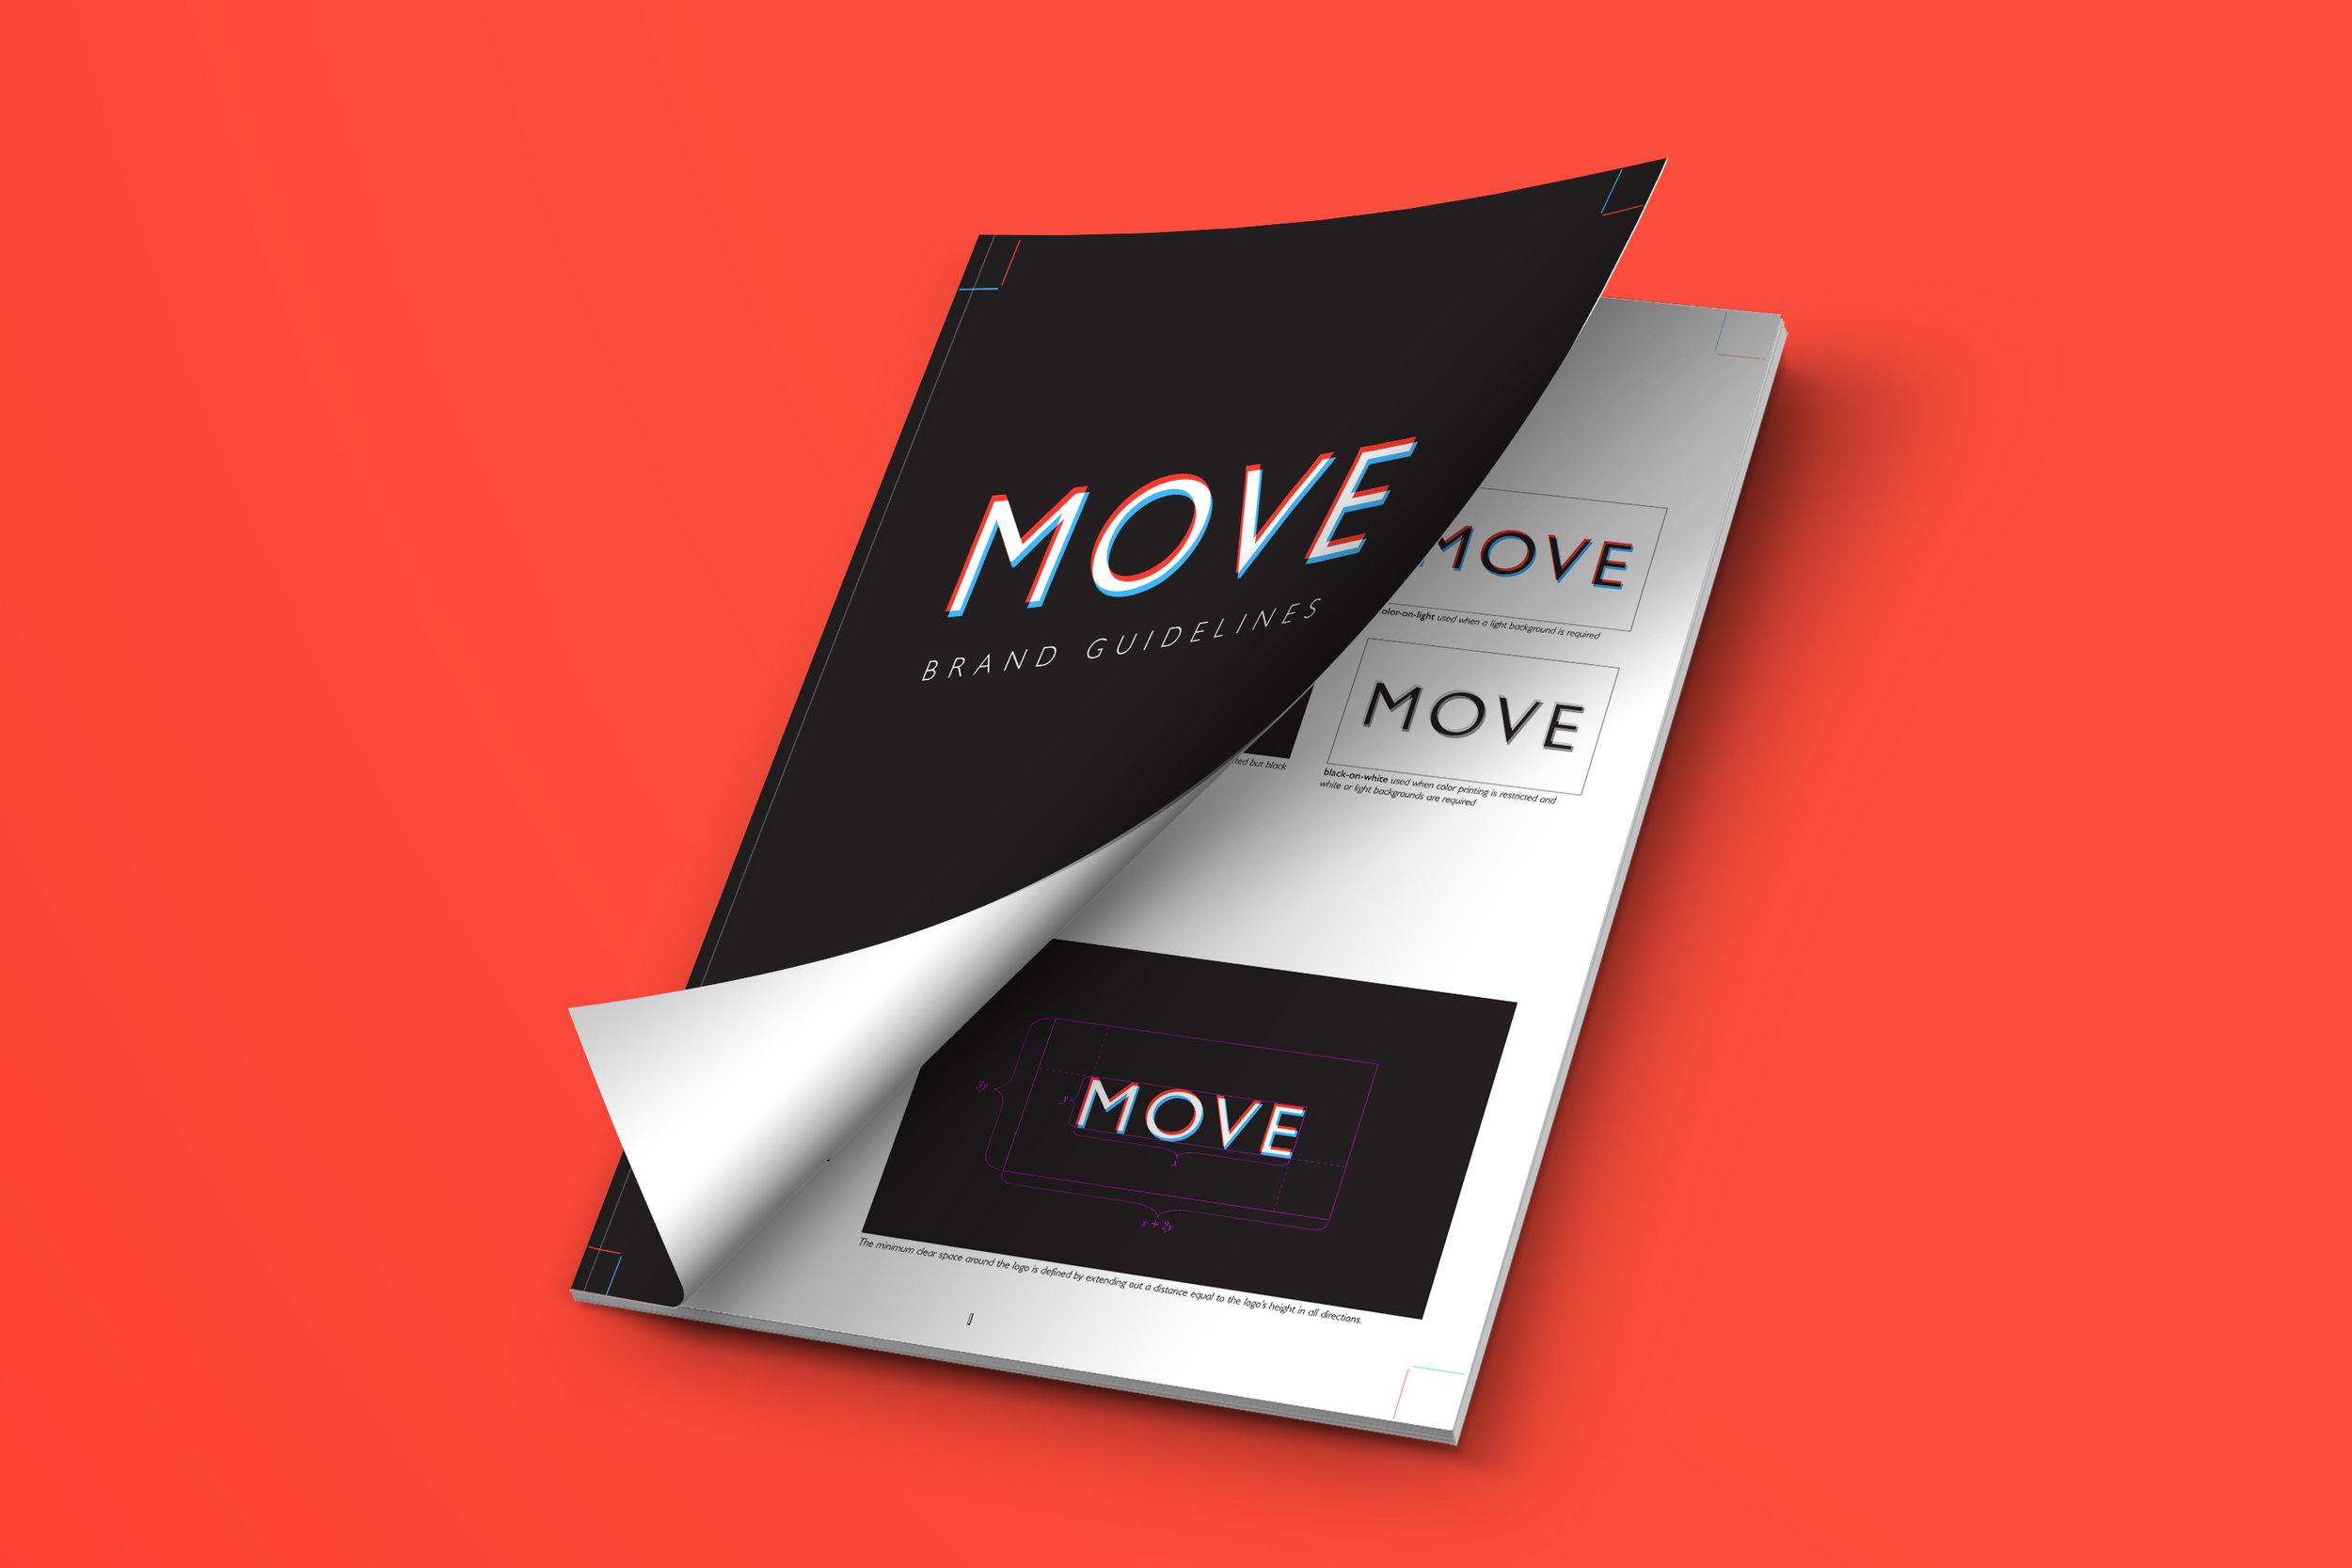 MOVE-guidlines-mock-up.jpg